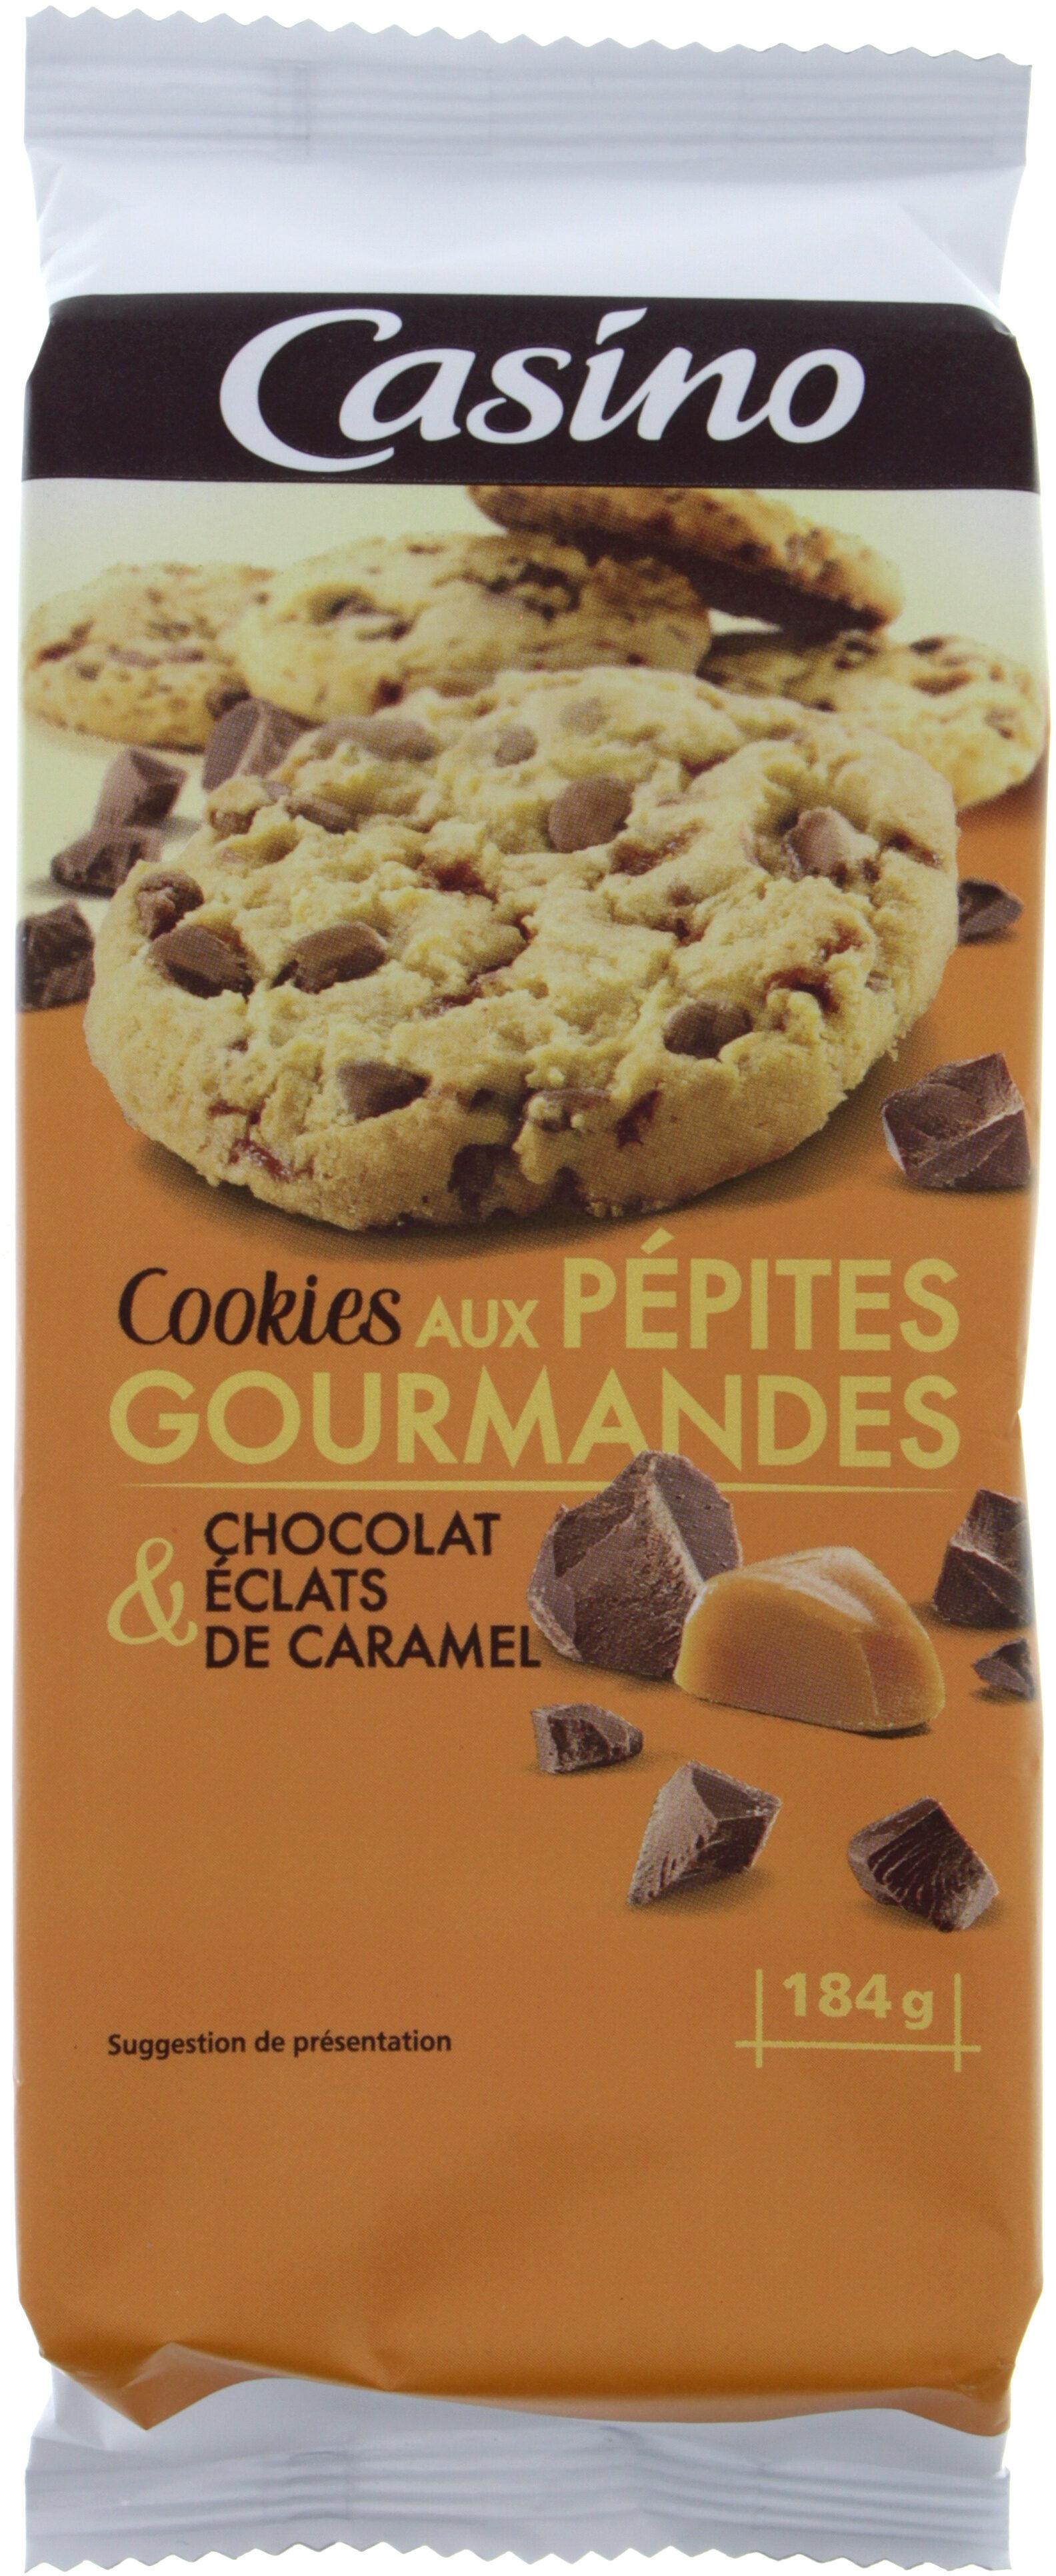 Cookies aux pépites gourmandes choclat et éclats de caramel - Product